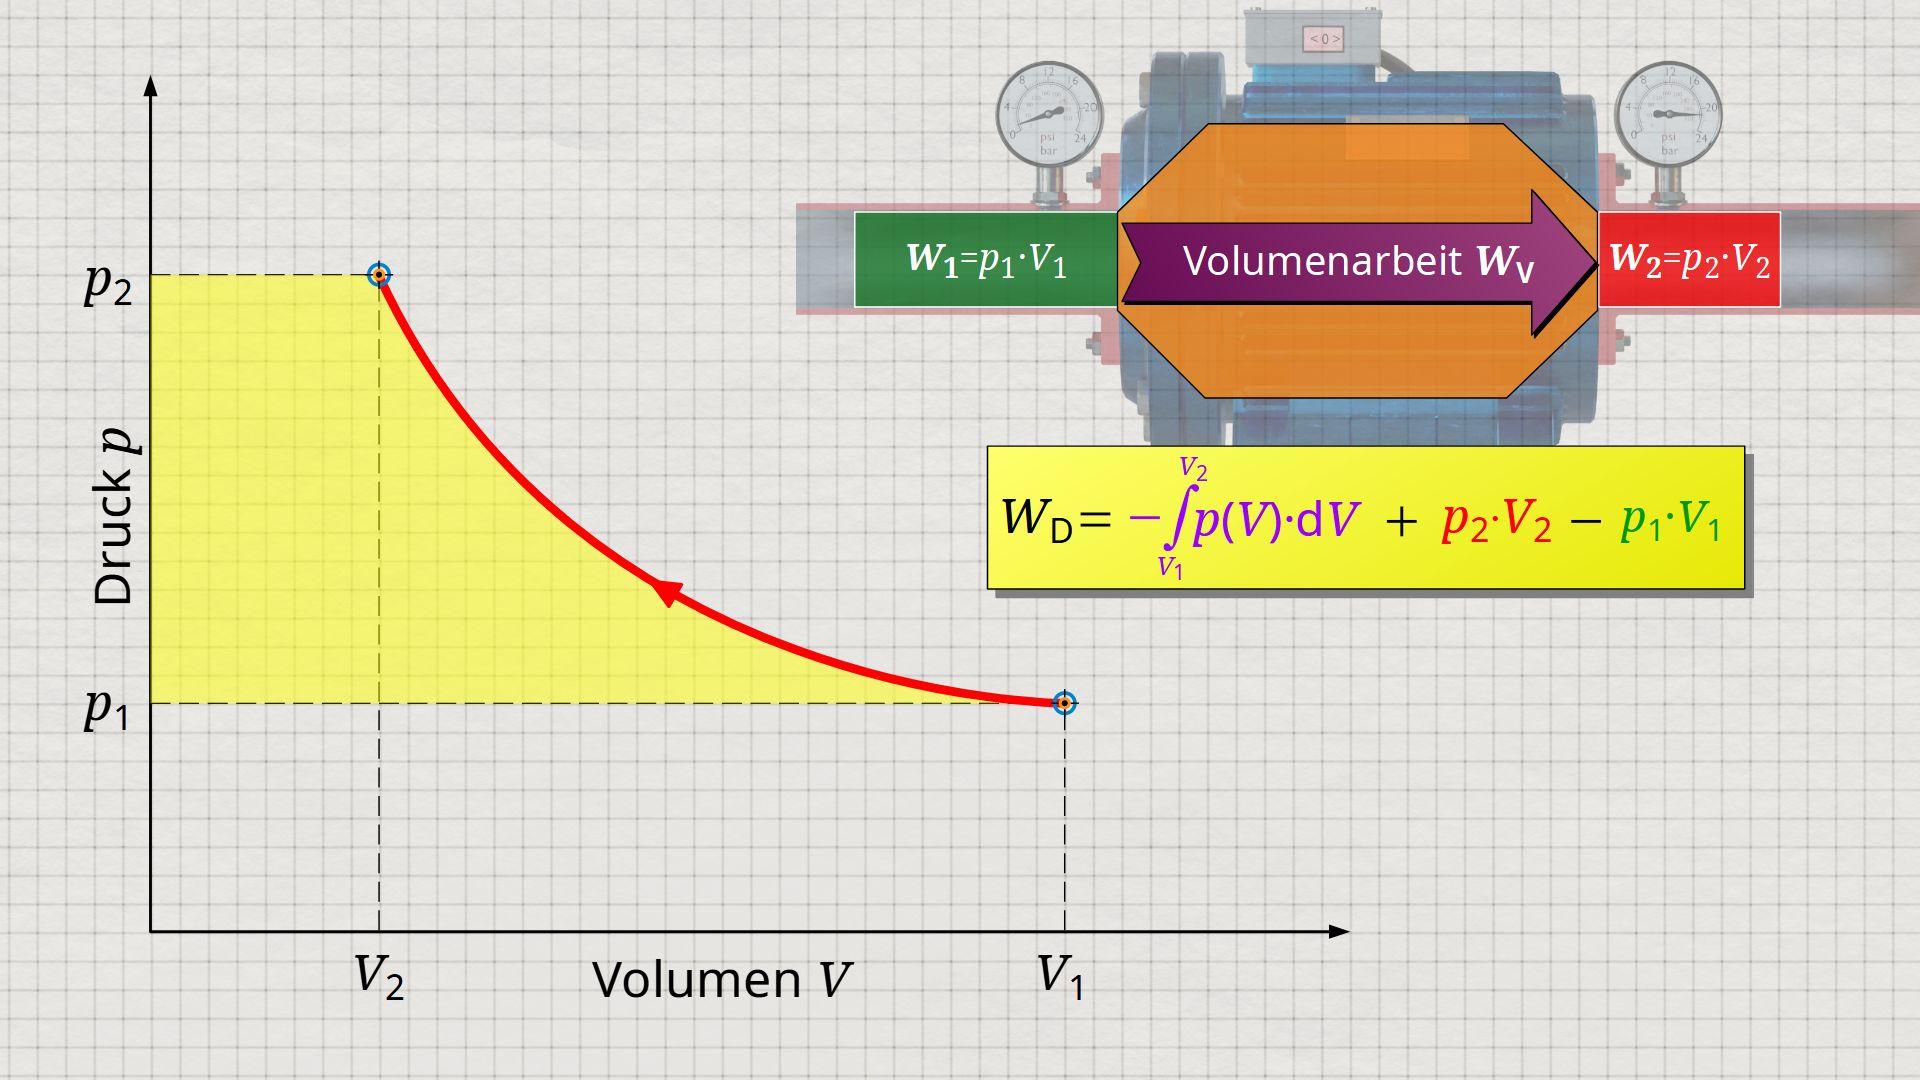 Druckänderungsarbeit als seitliche Fläche im Volumen-Druck-Diagramm